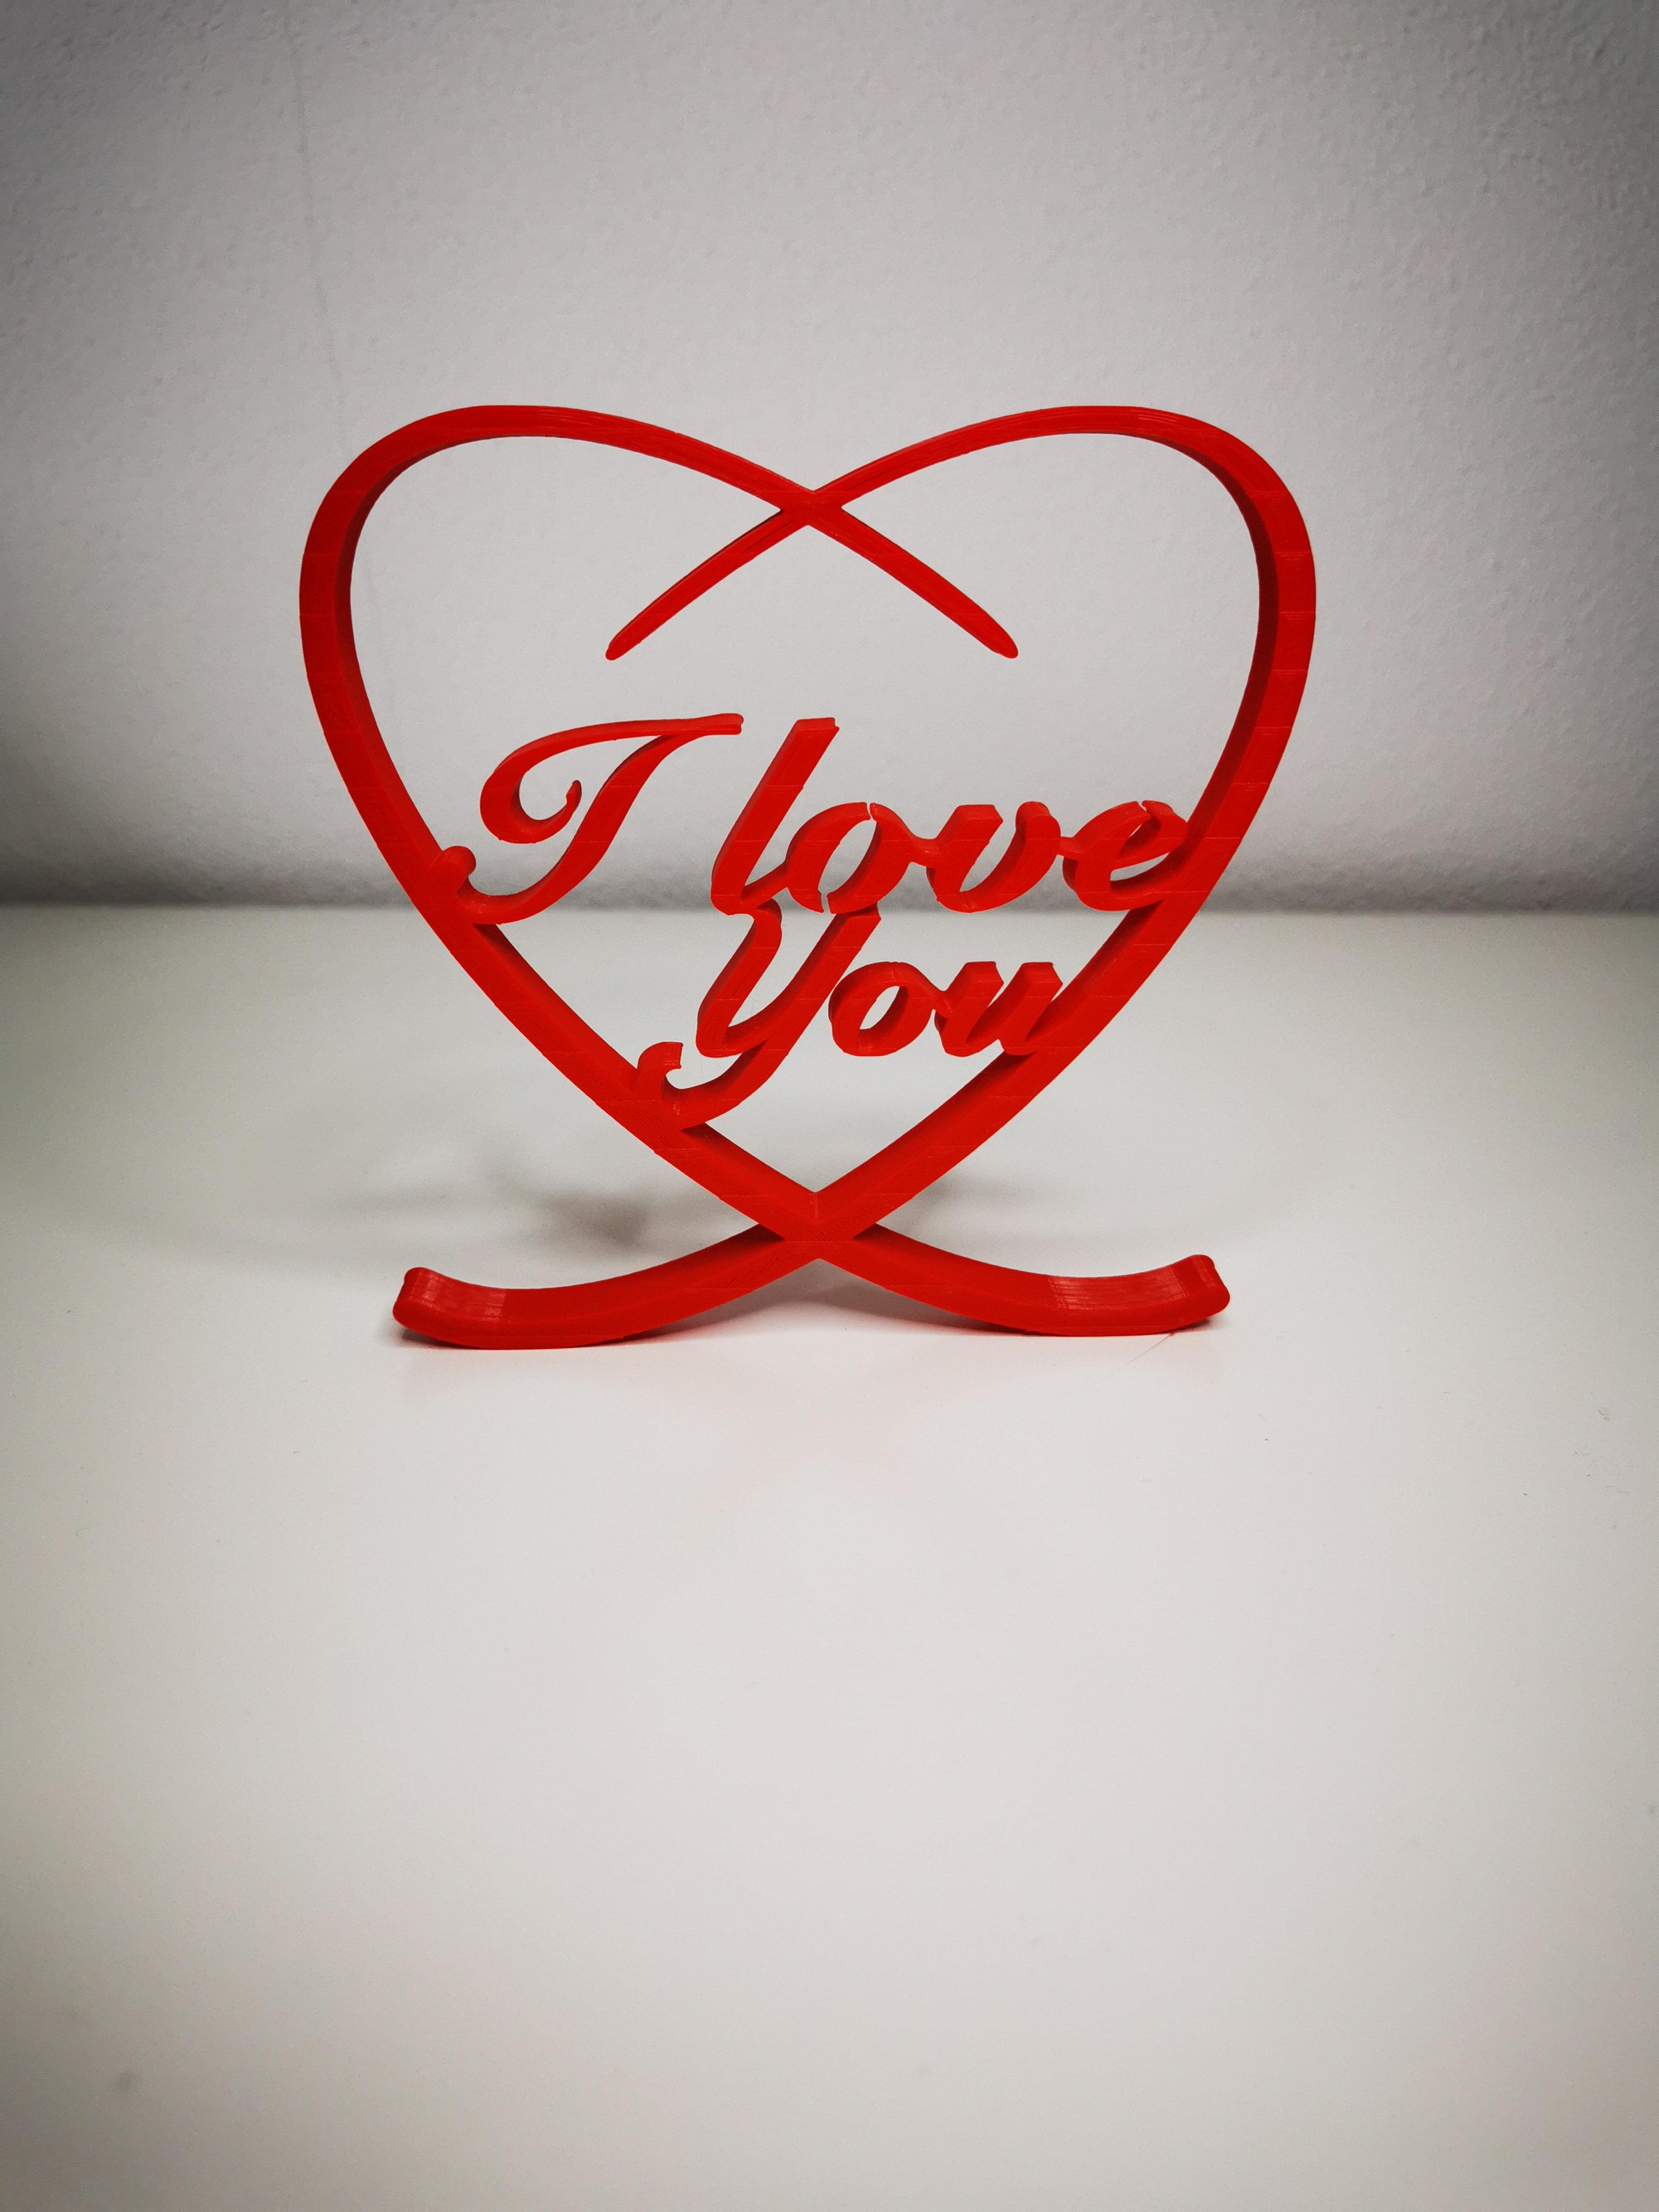 3D printed word Love